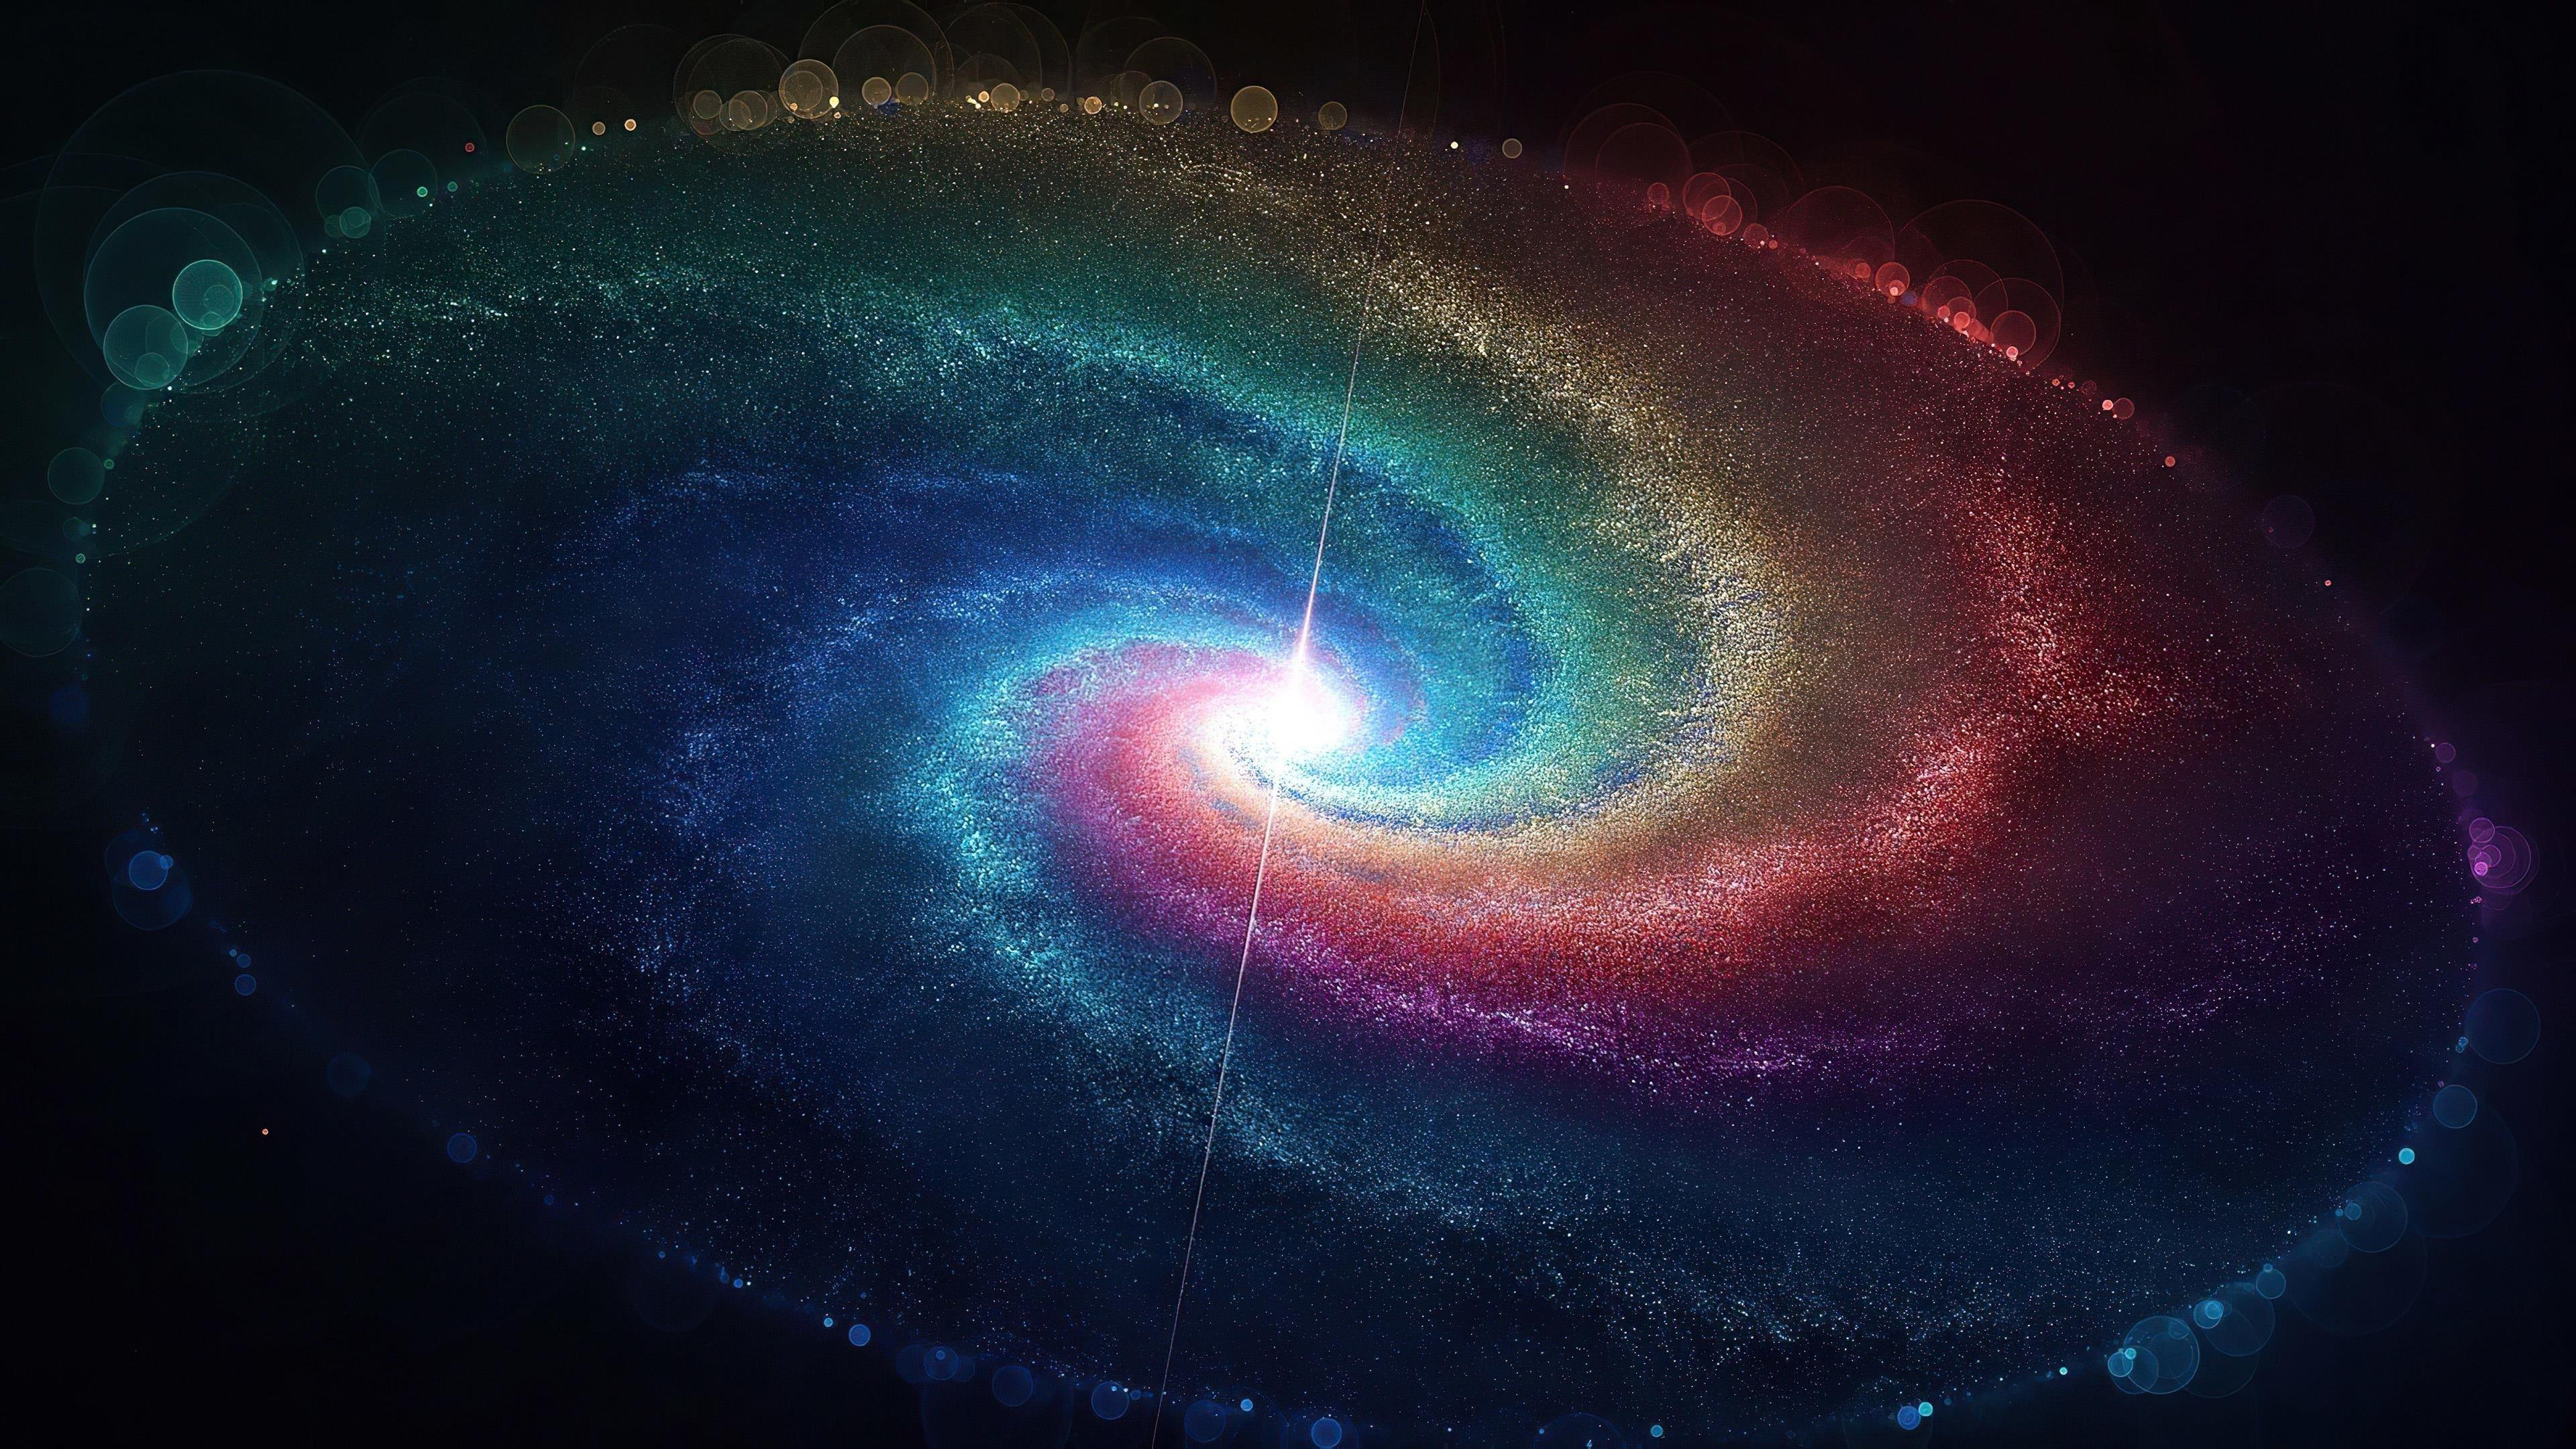 Космическая галактика обои скачать